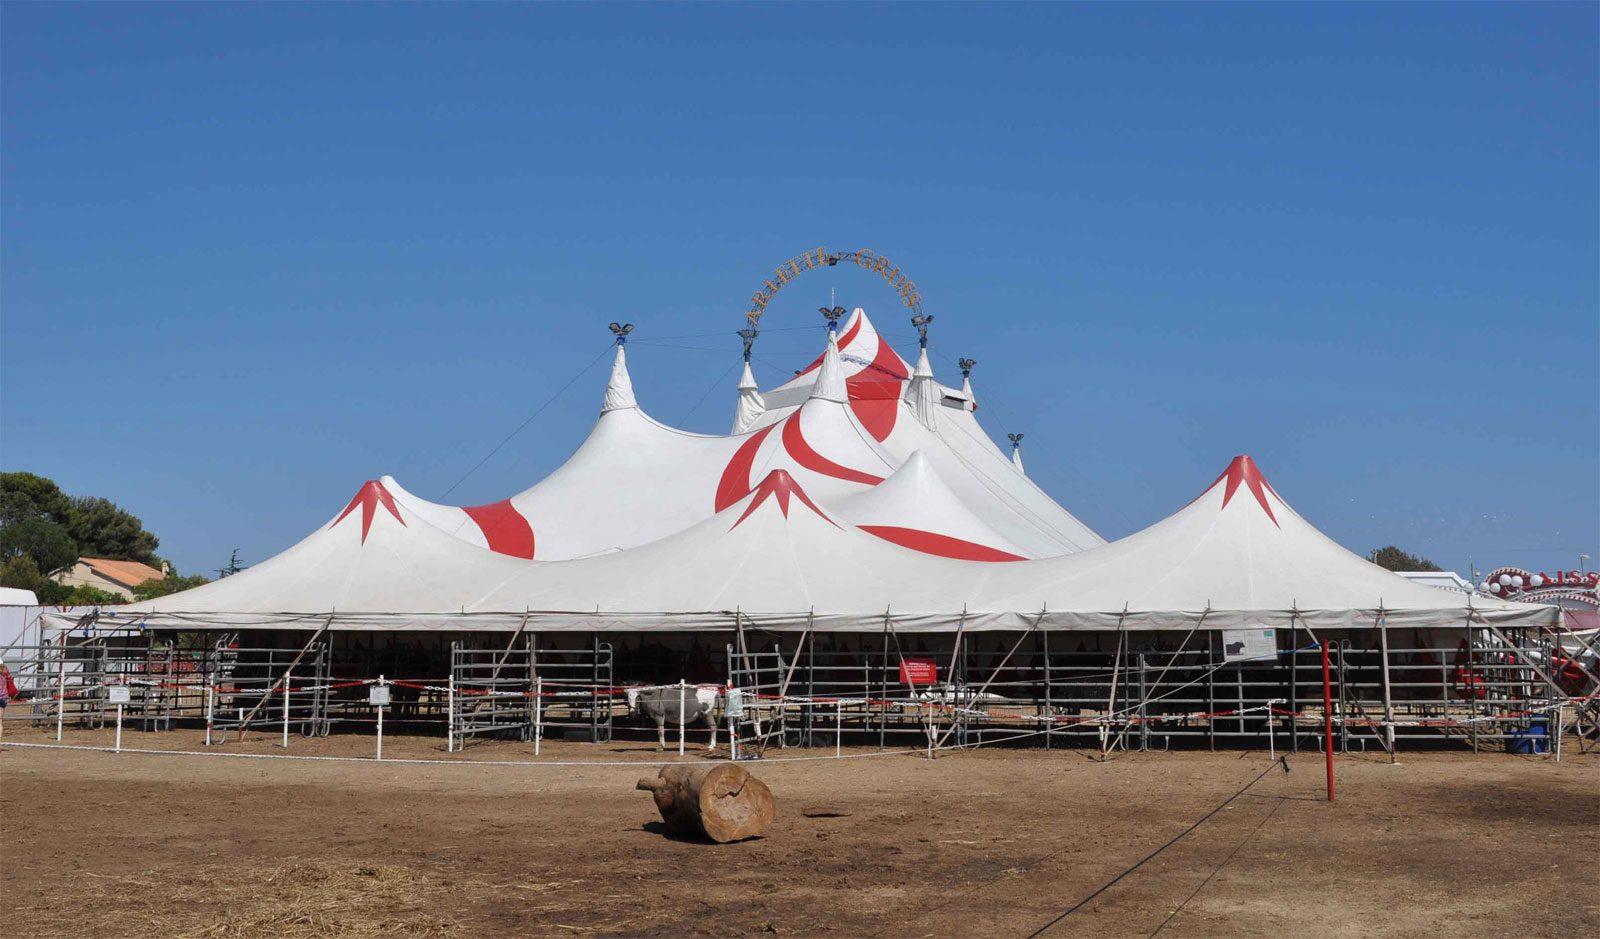 Le cirque Arlette Gruss fête ses 30 ans à Metz